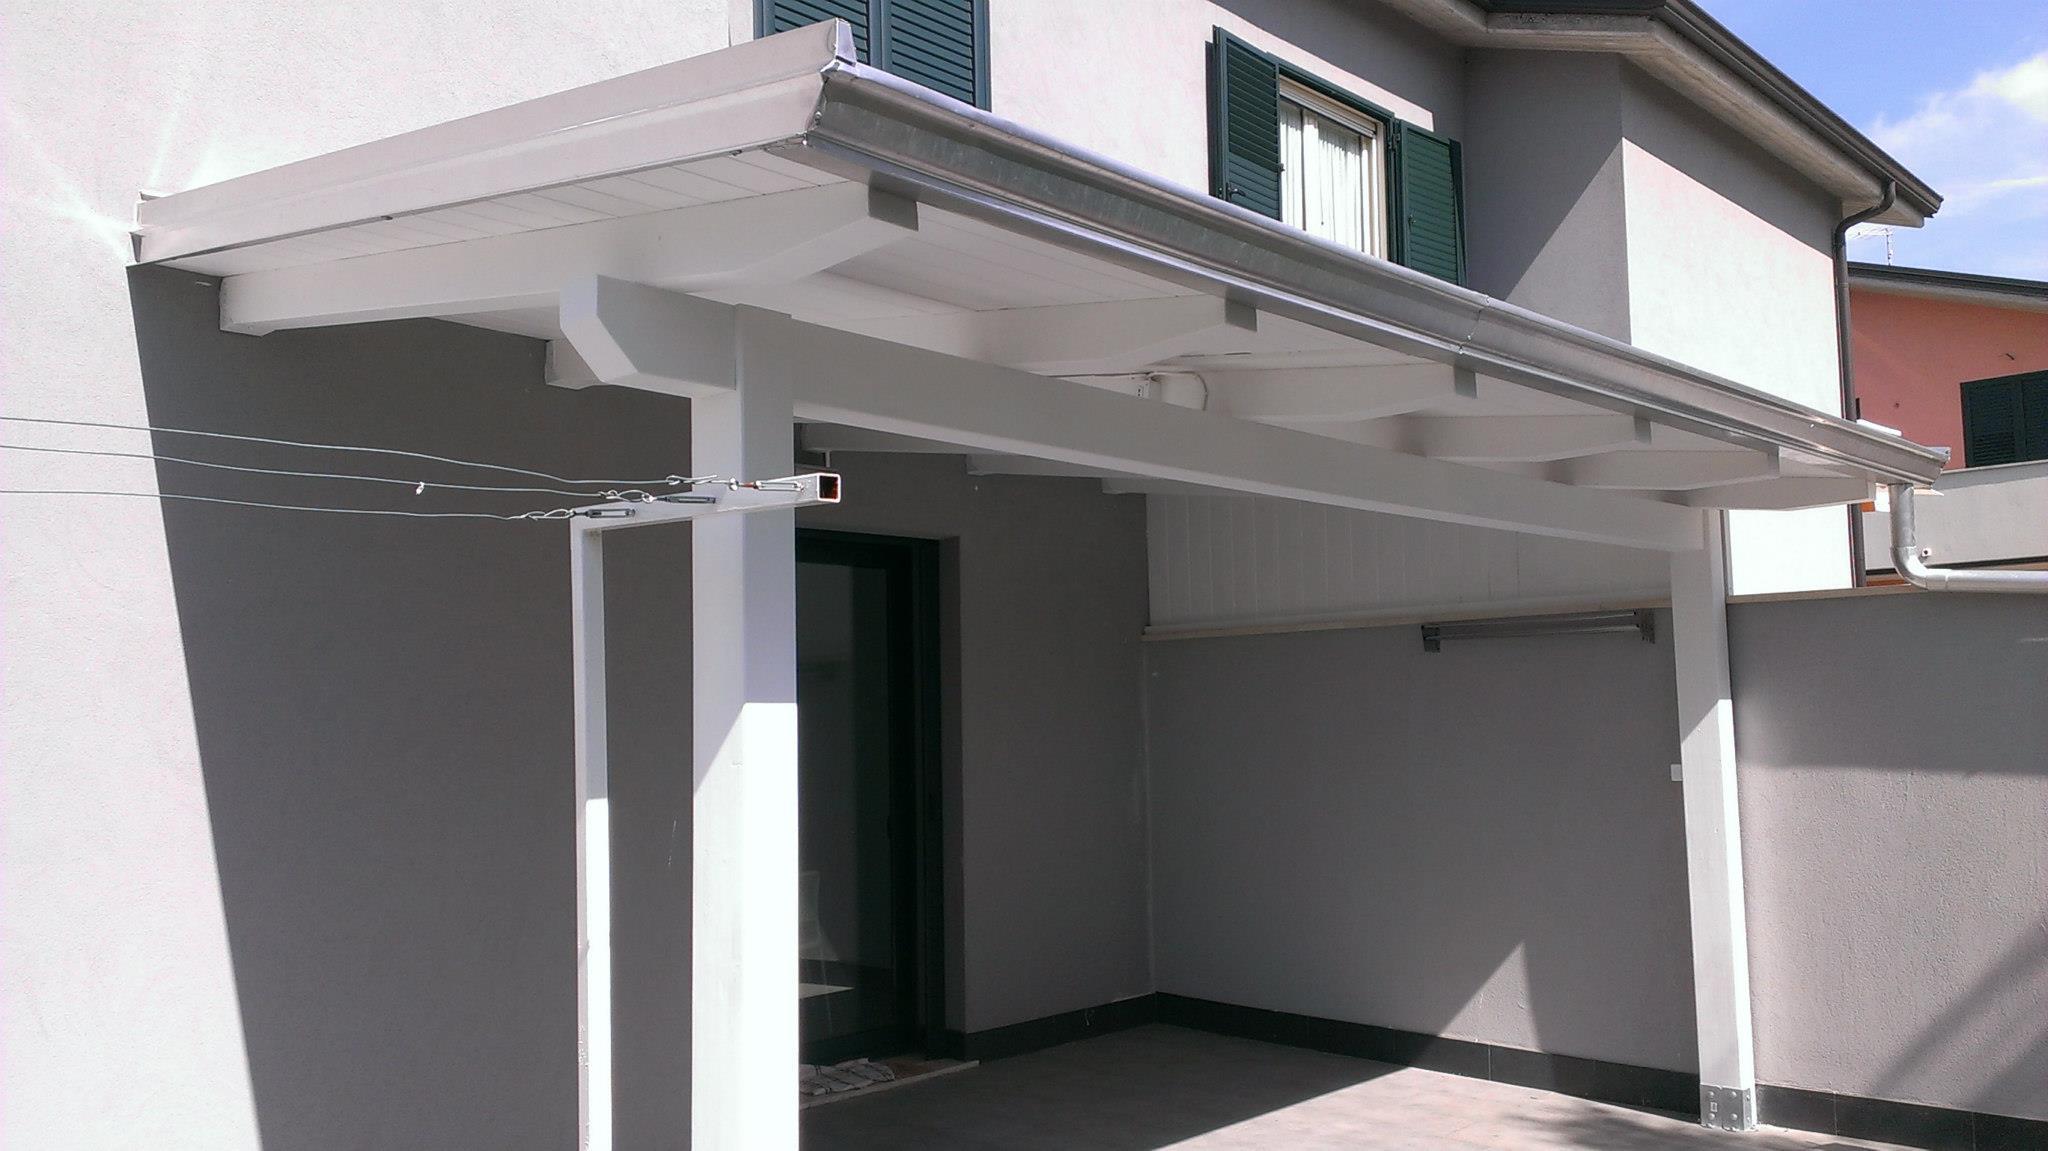 Verande veranda in legno bianco mq with verande in legno - Verande in legno per terrazzi ...